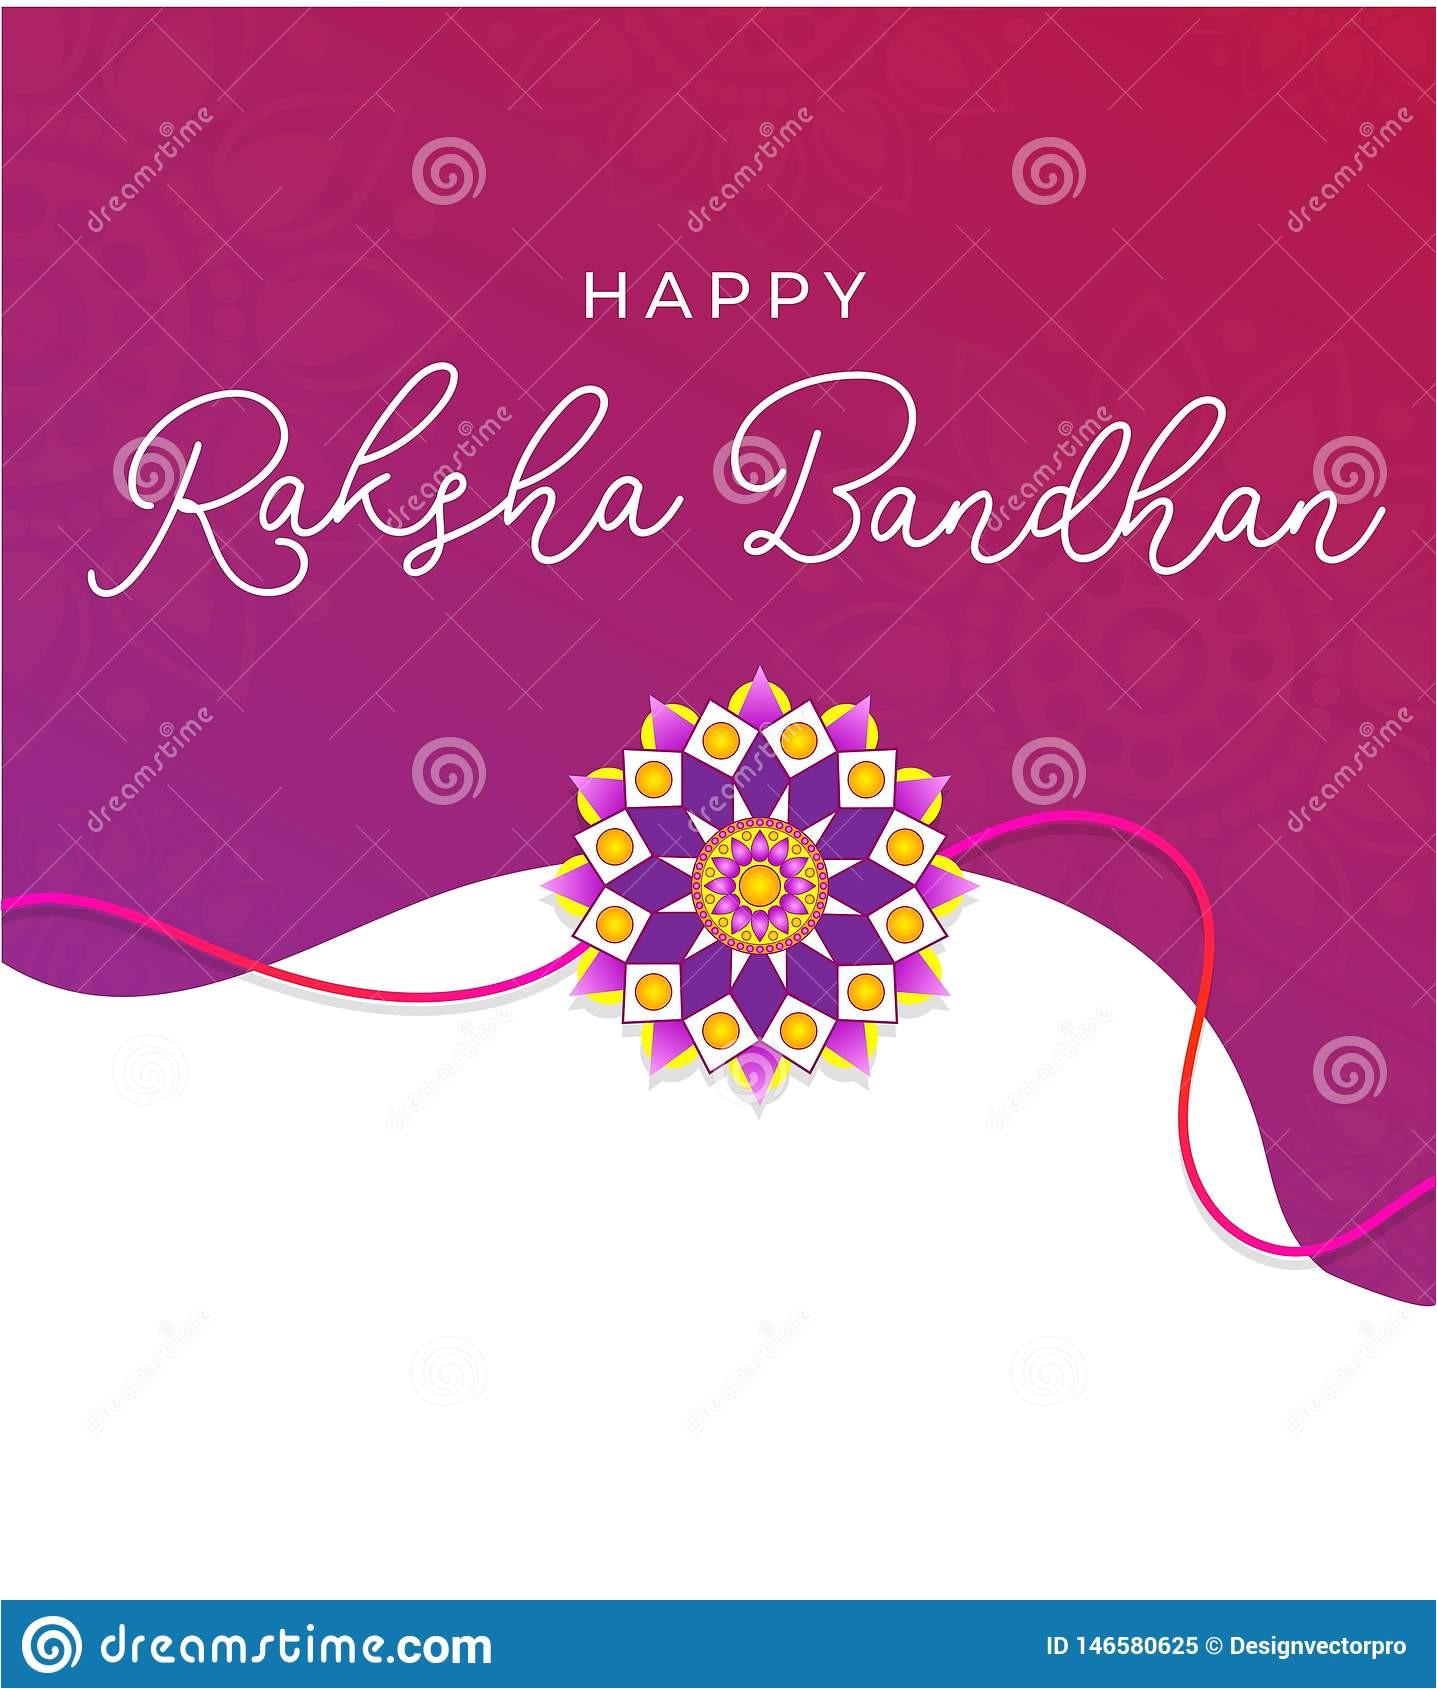 happy raksha bandhan greeting card indian holiday invitation card concept vector illustration happy raksha bandhan greeting 146580625 jpg